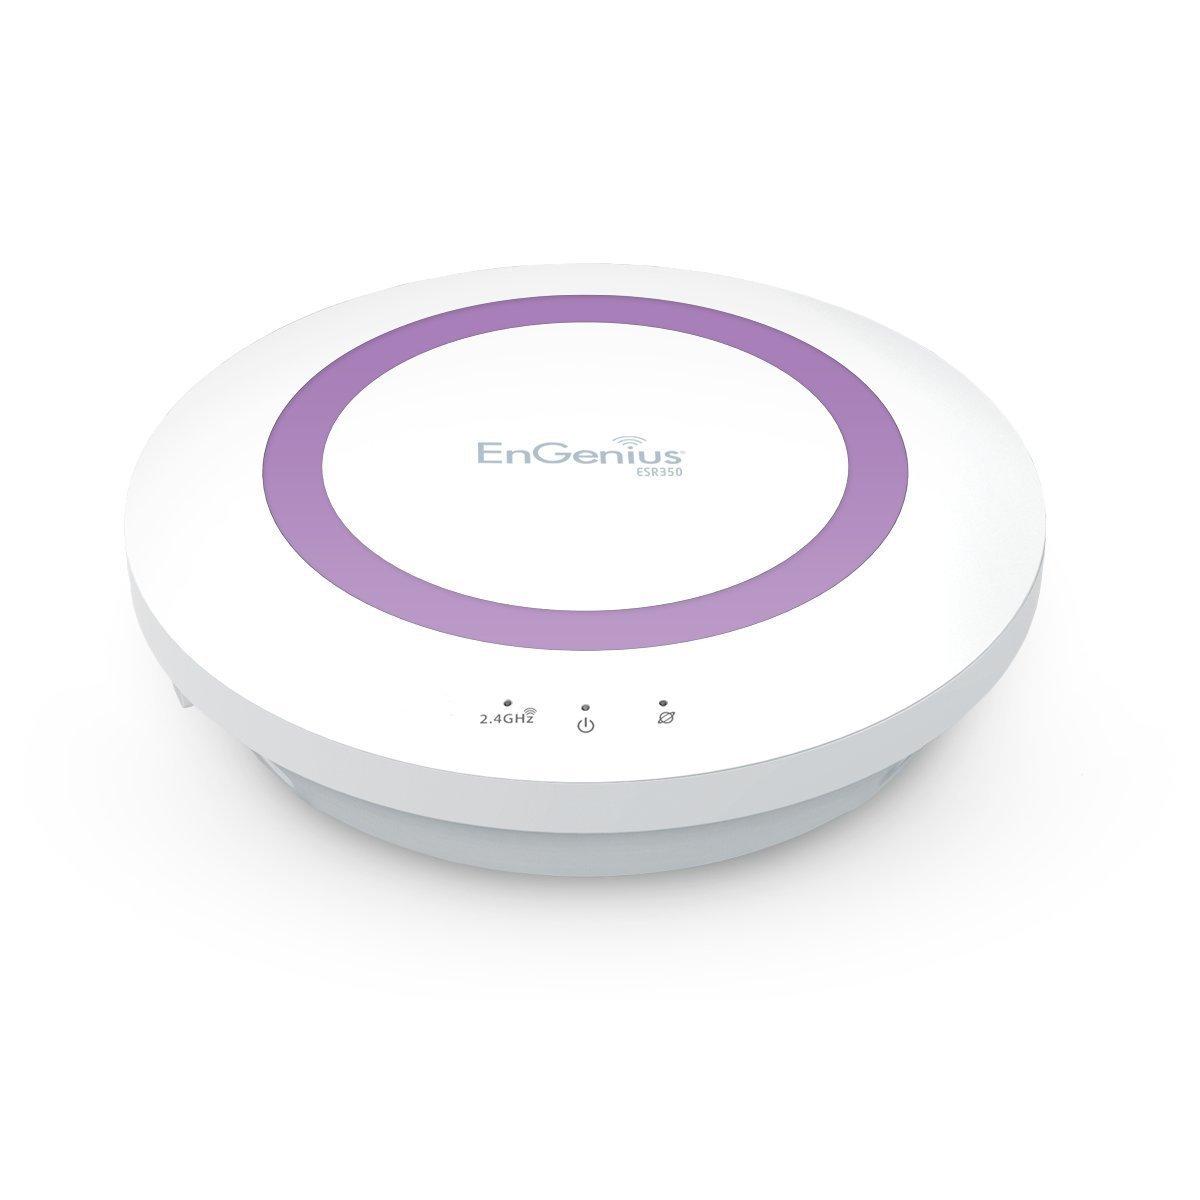 Modom ENGENIUS esr350 Wi N300 2.4 GHz Vân Phong